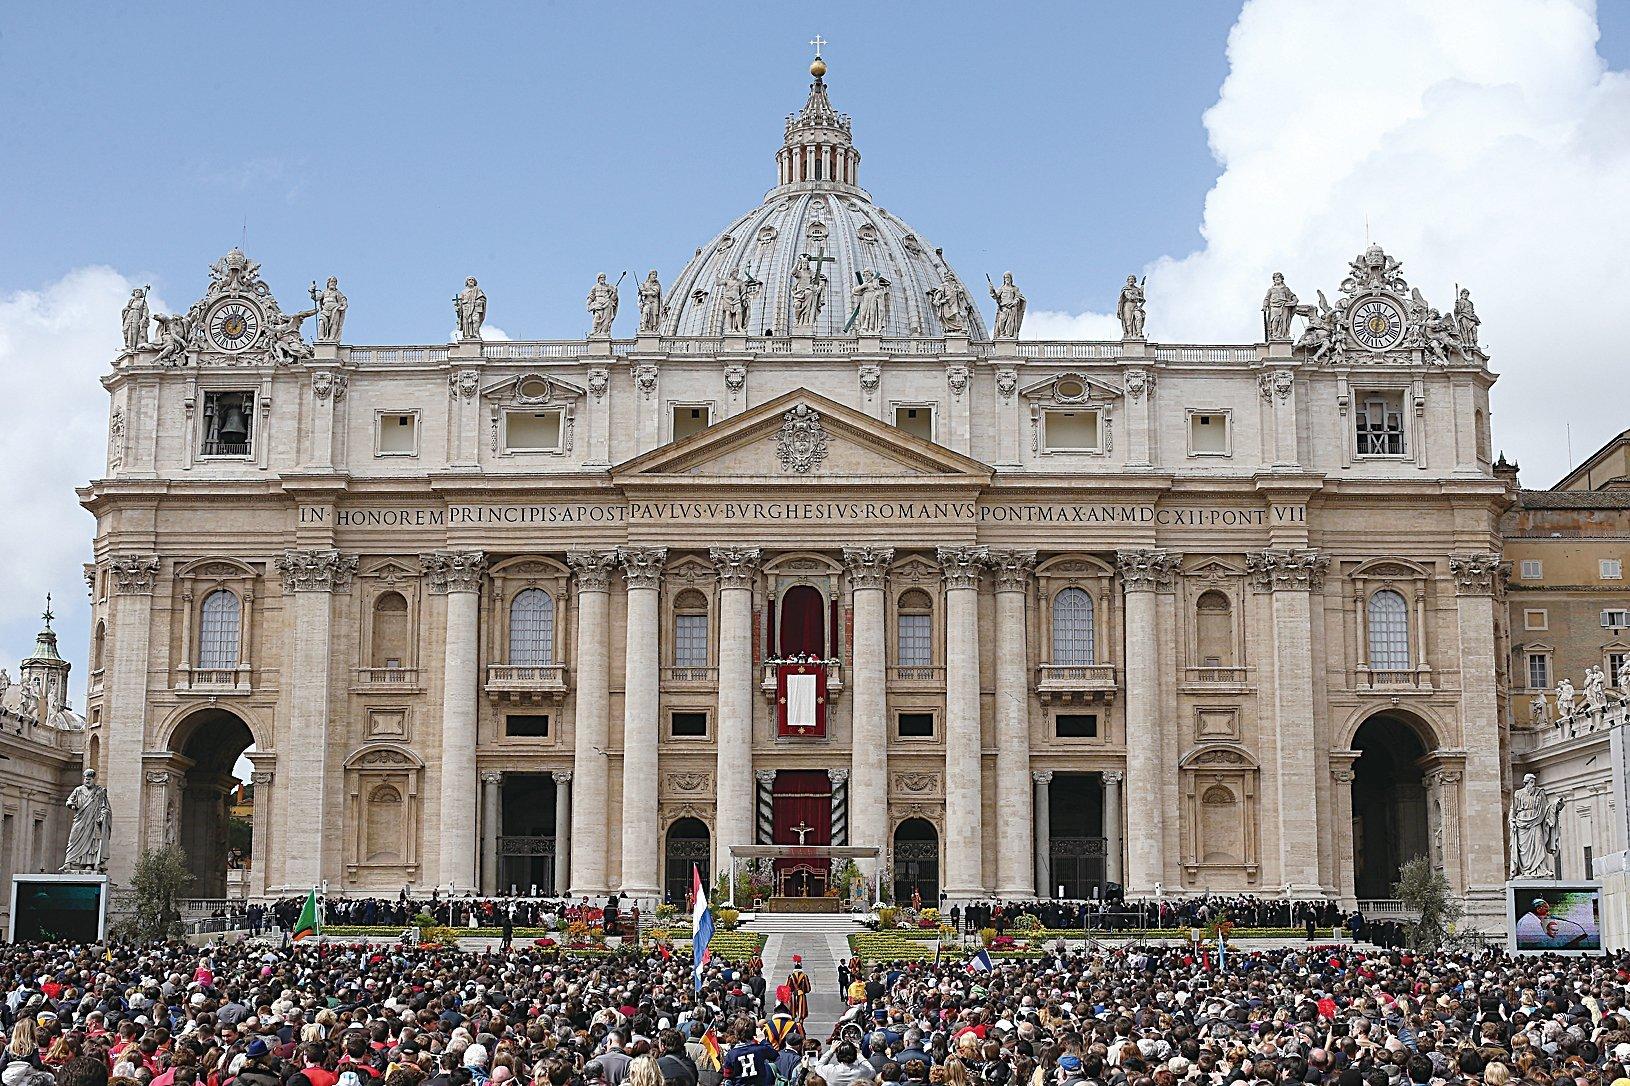 外界一直流傳,梵蒂岡檔案館裏隱藏著不少驚人的秘密,其中之一就是這裏封存著一台「時光機器」,許多人認為這部機器是人類曾擁有的最大保密事件之一。 (Dan Kitwood/Getty Images)